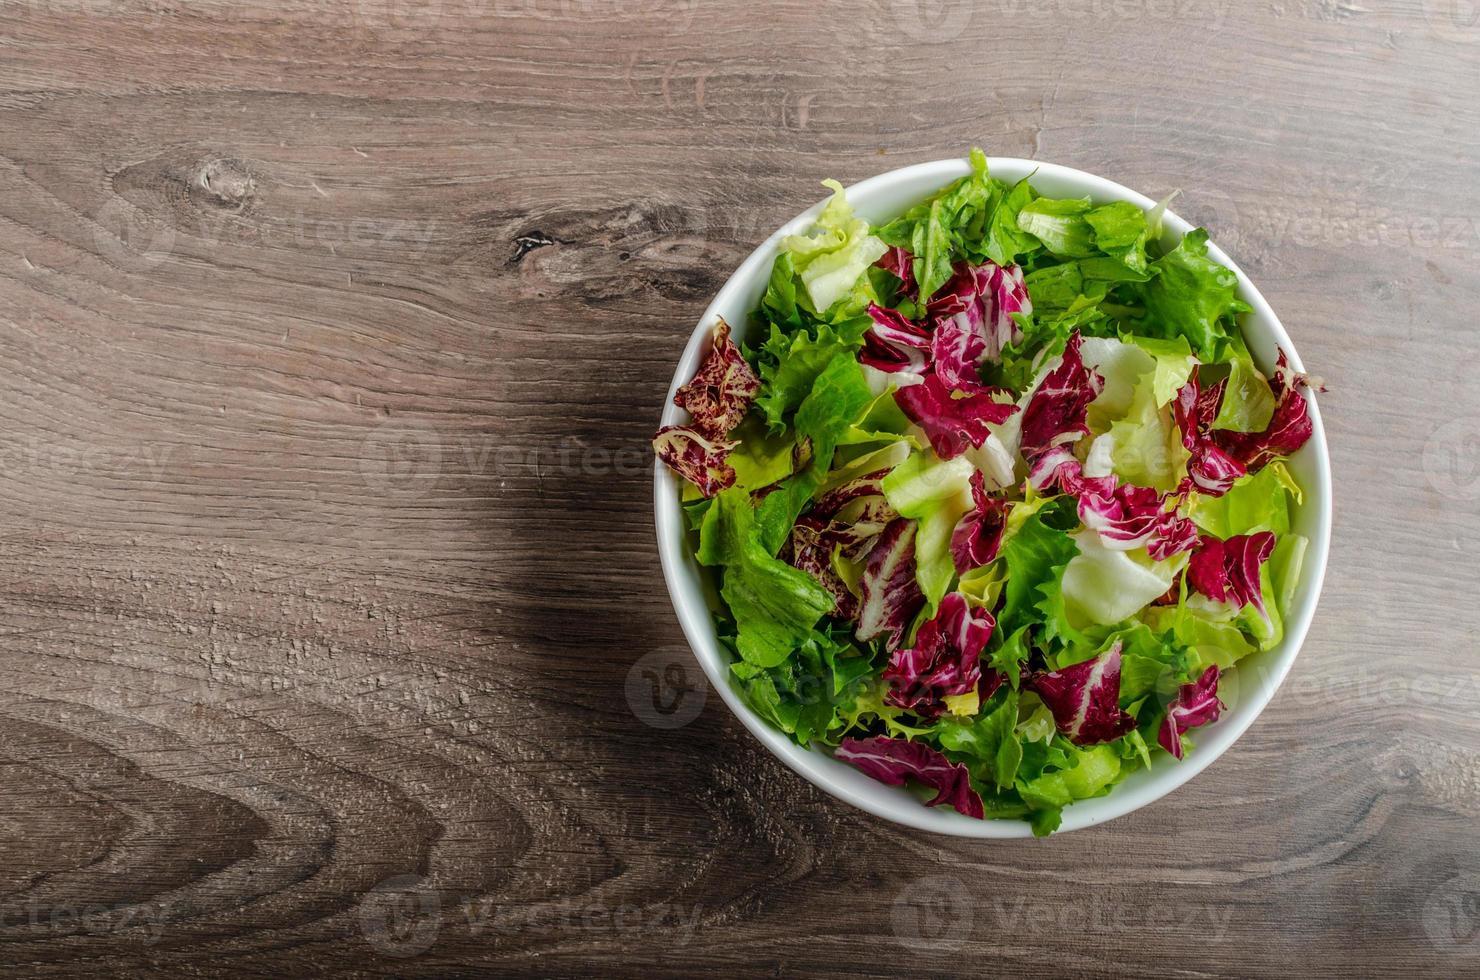 insalata di verdure con indivia foto